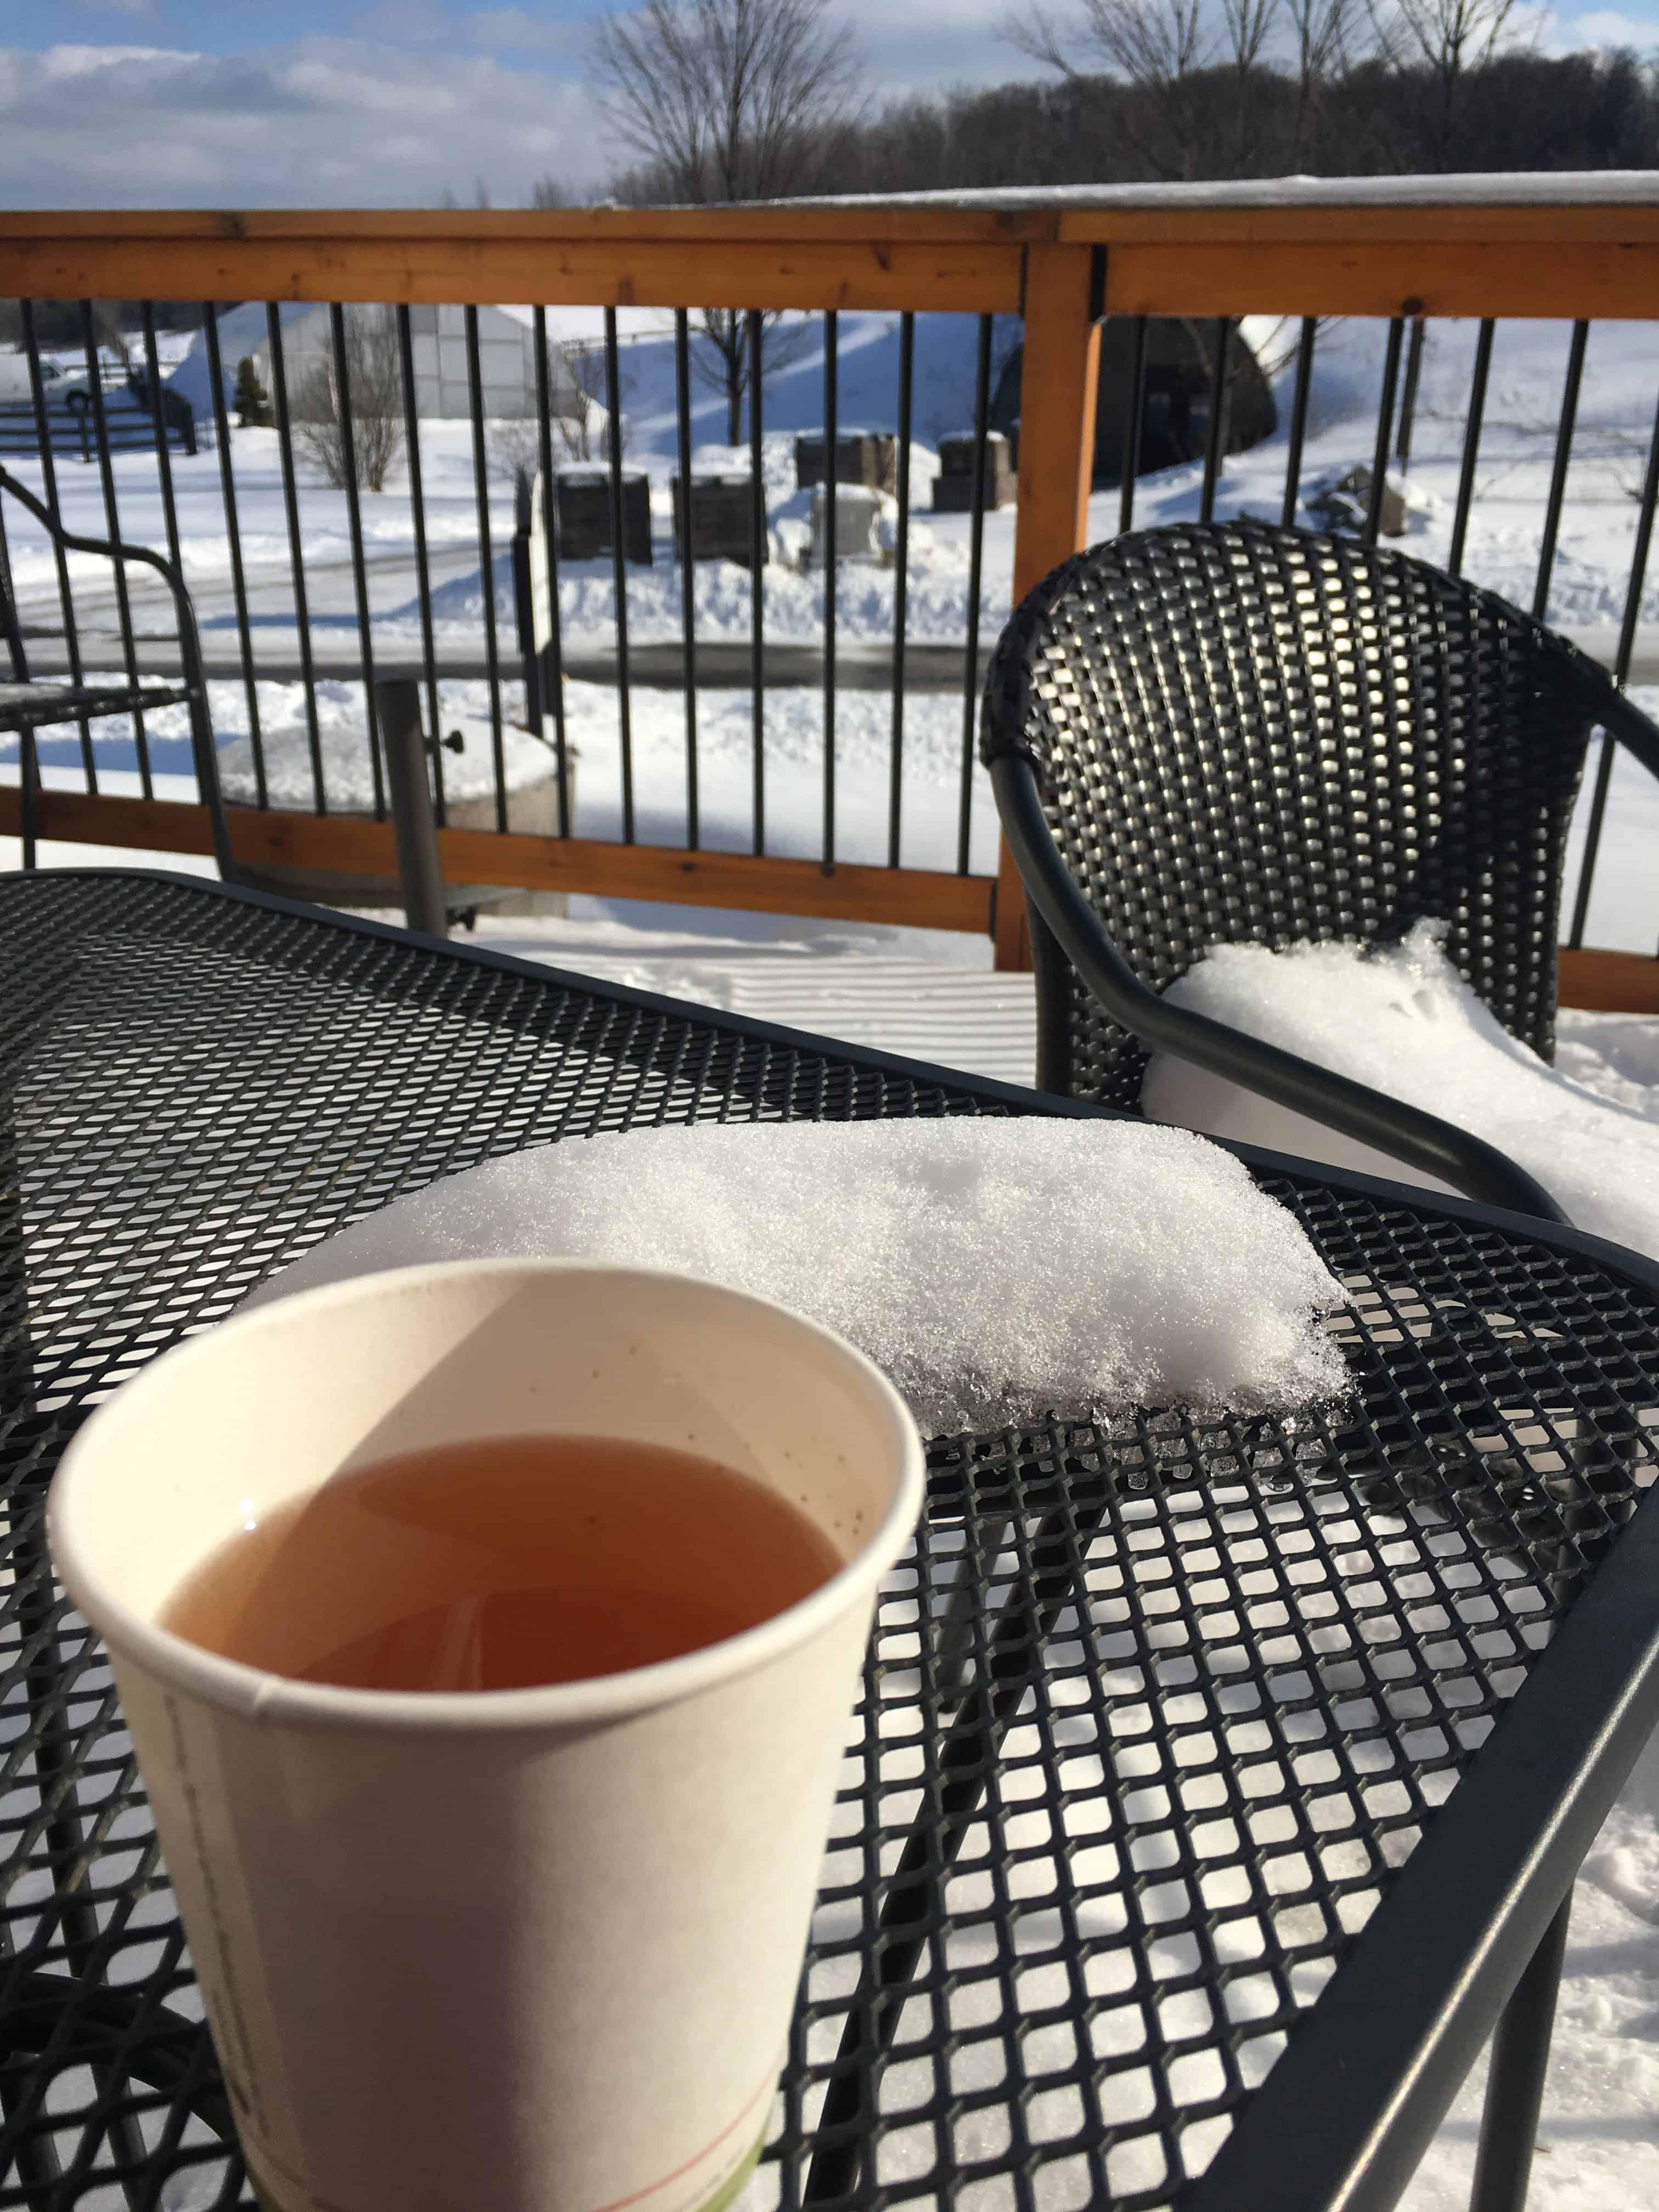 Mulled cider tastes so good outside. Photo courtesy of Jennifer Symons